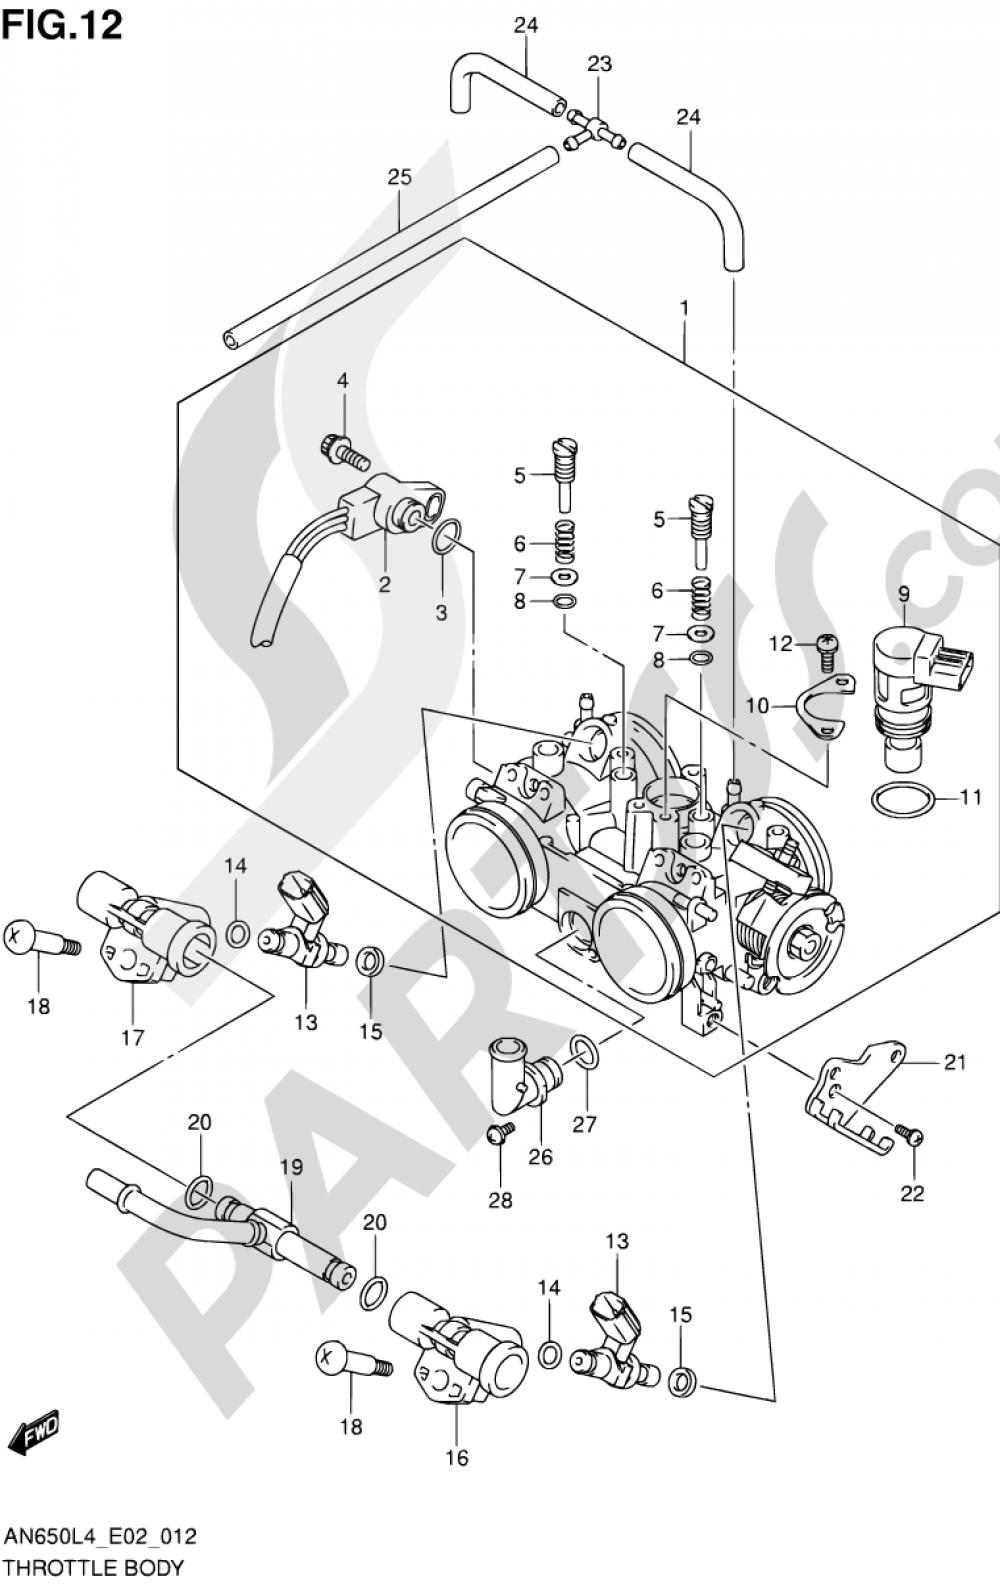 12 - THROTTLE BODY Suzuki BURGMAN AN650Z 2014